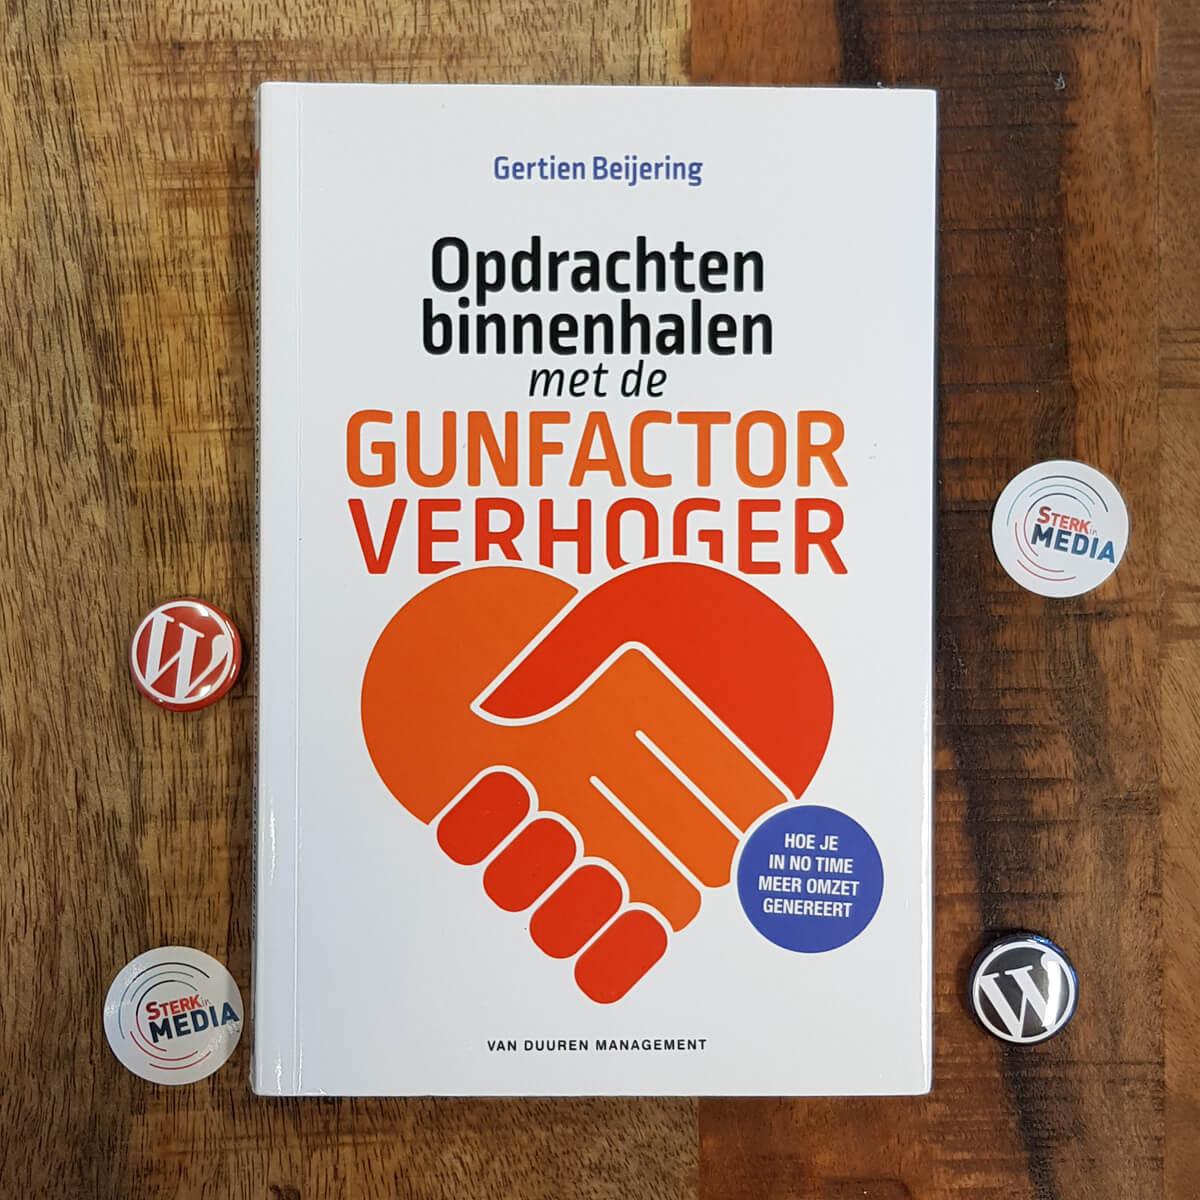 boeken-review_gunfactor-verhogen